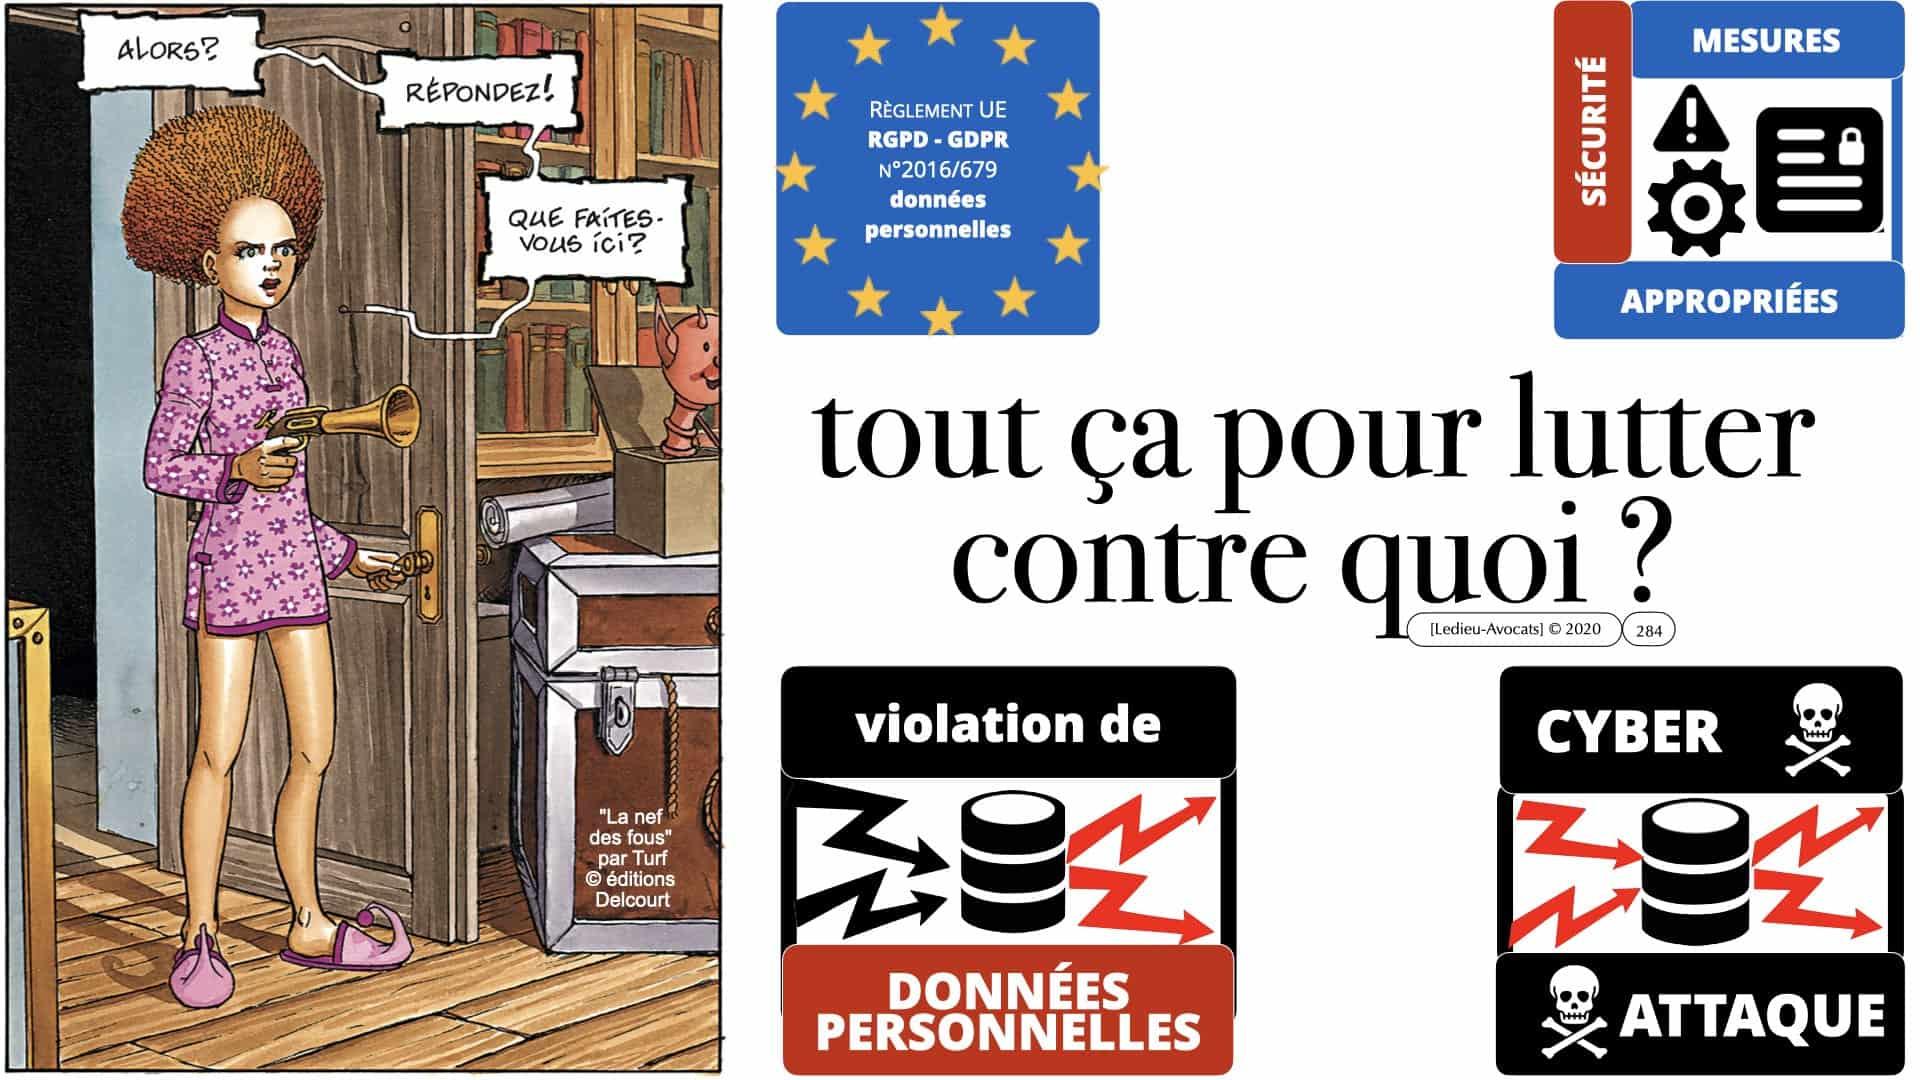 RGPD e-Privacy données personnelles jurisprudence formation Lamy Les Echos 10-02-2021 ©Ledieu-Avocats.284